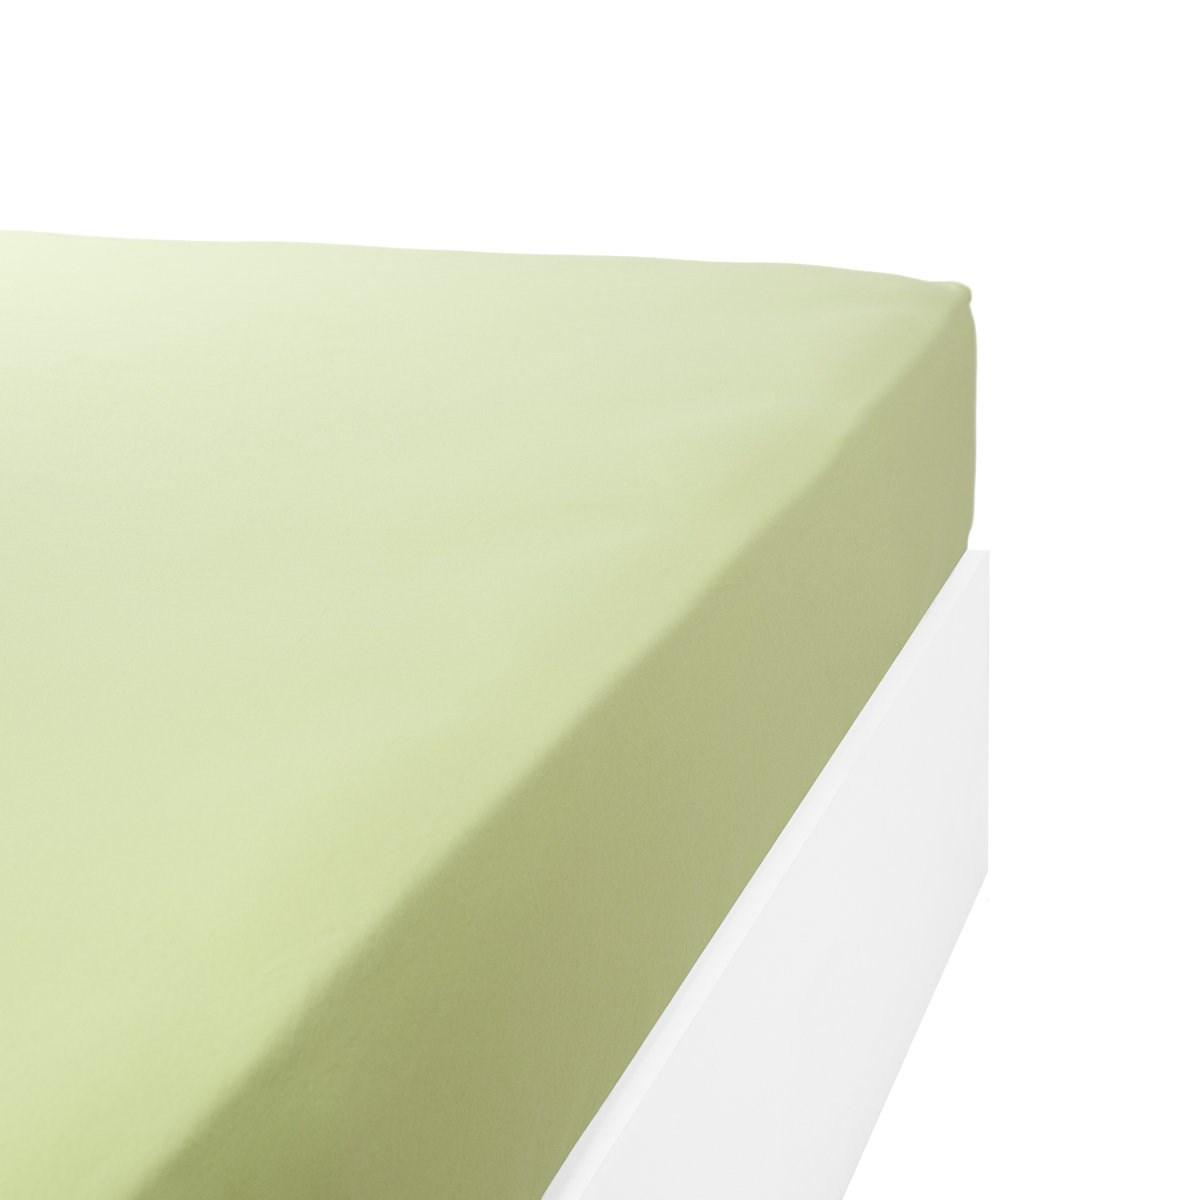 Drap housse jersey extensible en coton vert anis 90x190 cm